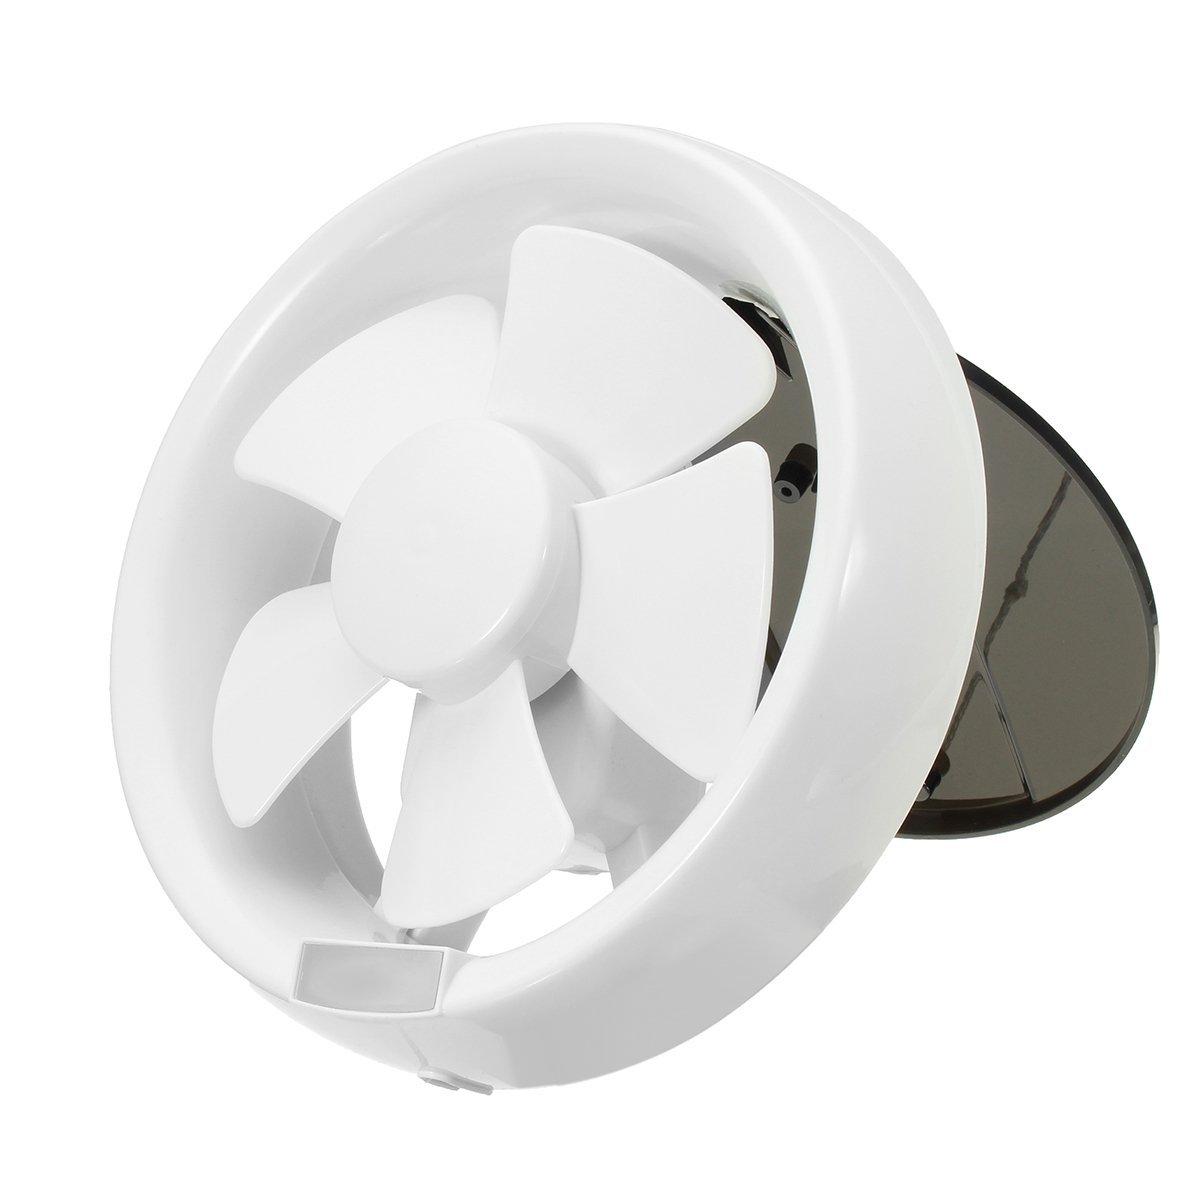 cheap 2 inch exhaust fan find 2 inch